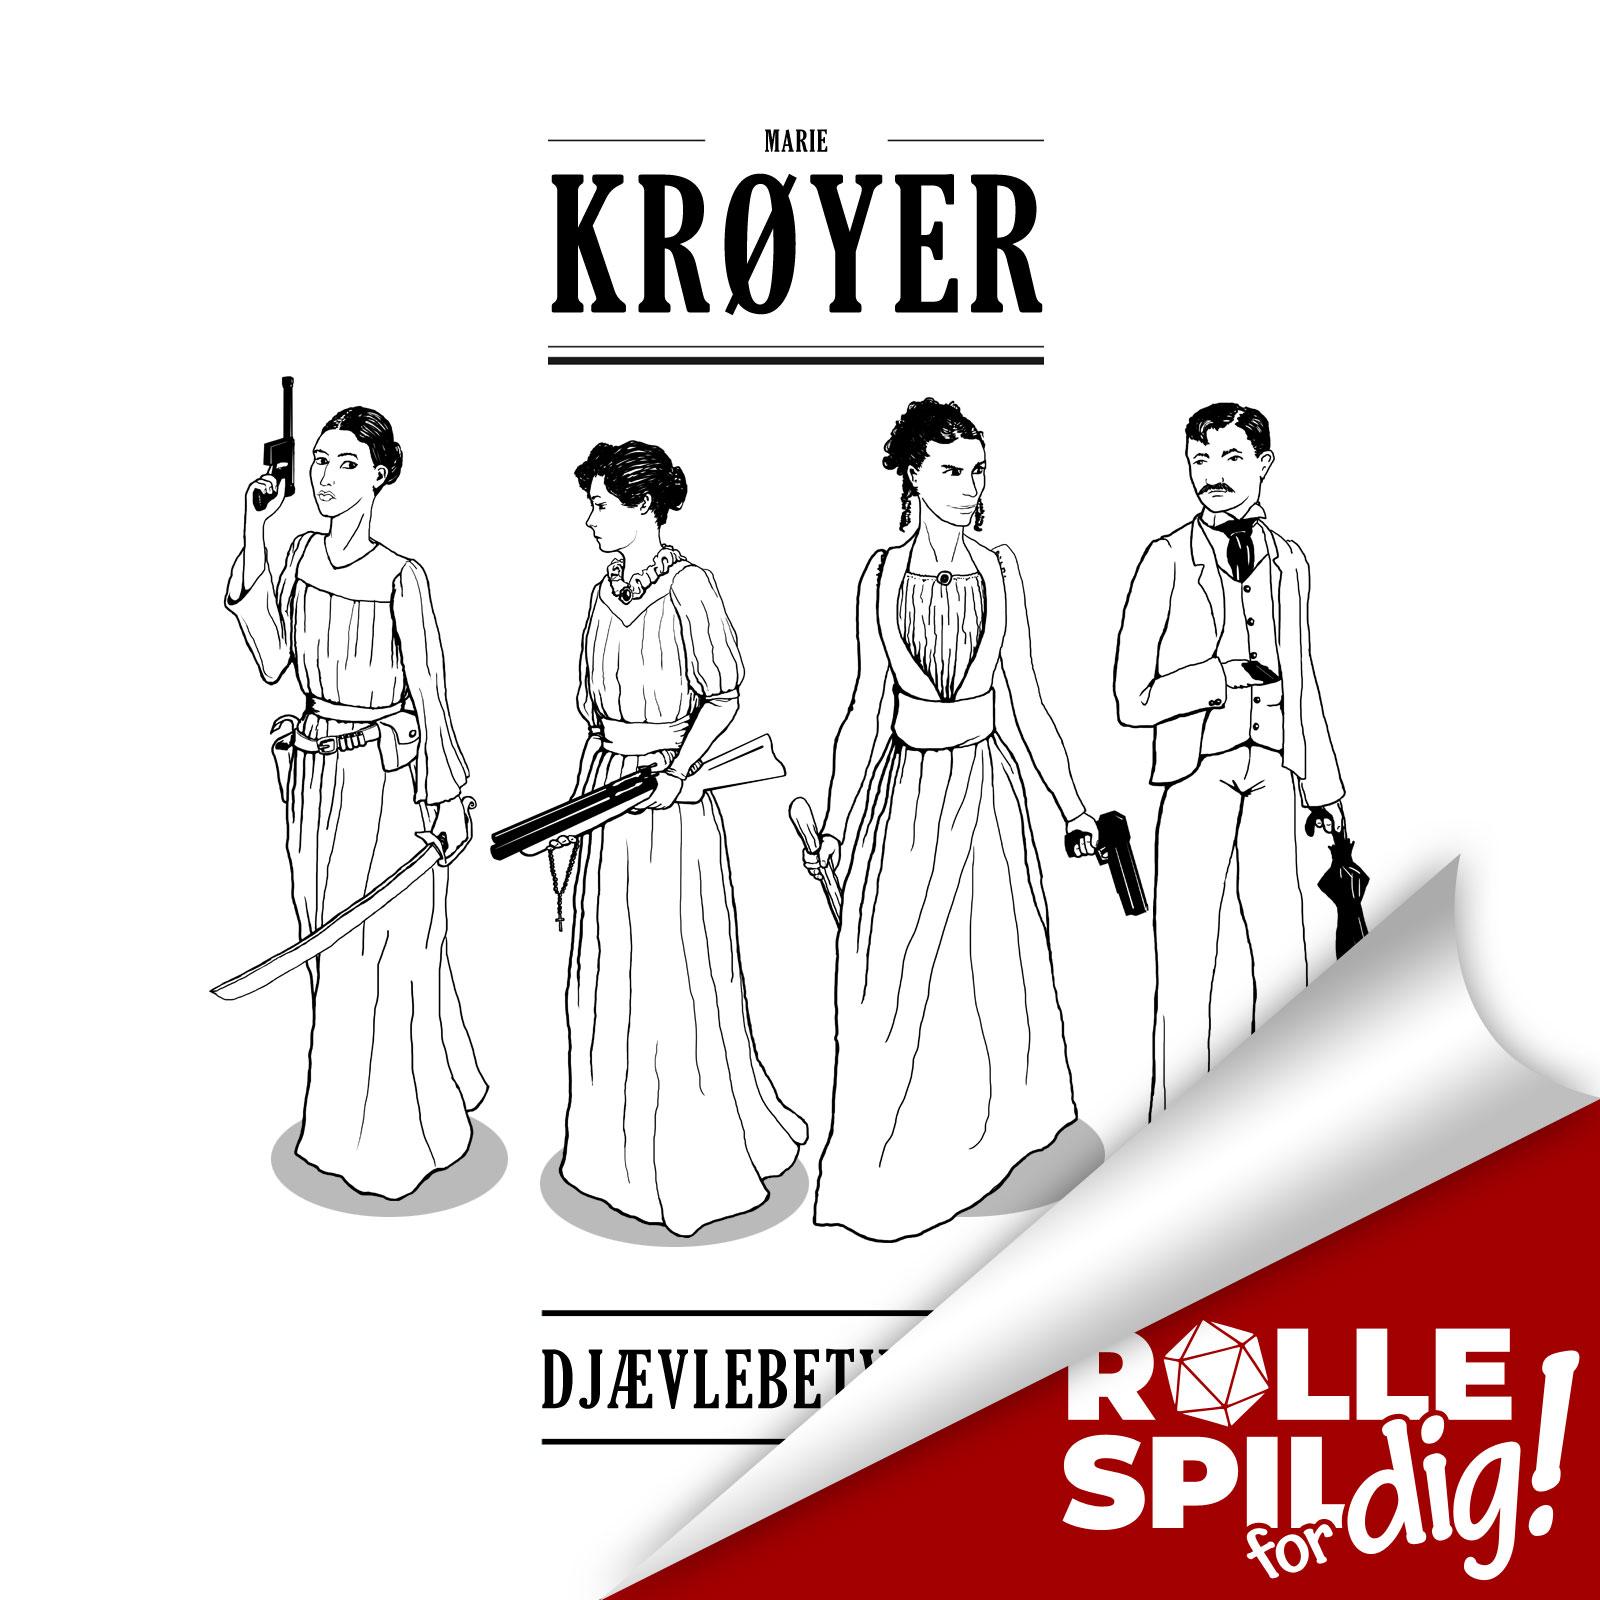 Marie Krøyer Djævlebetvinger - 3/3 - Den norske ondskab selv